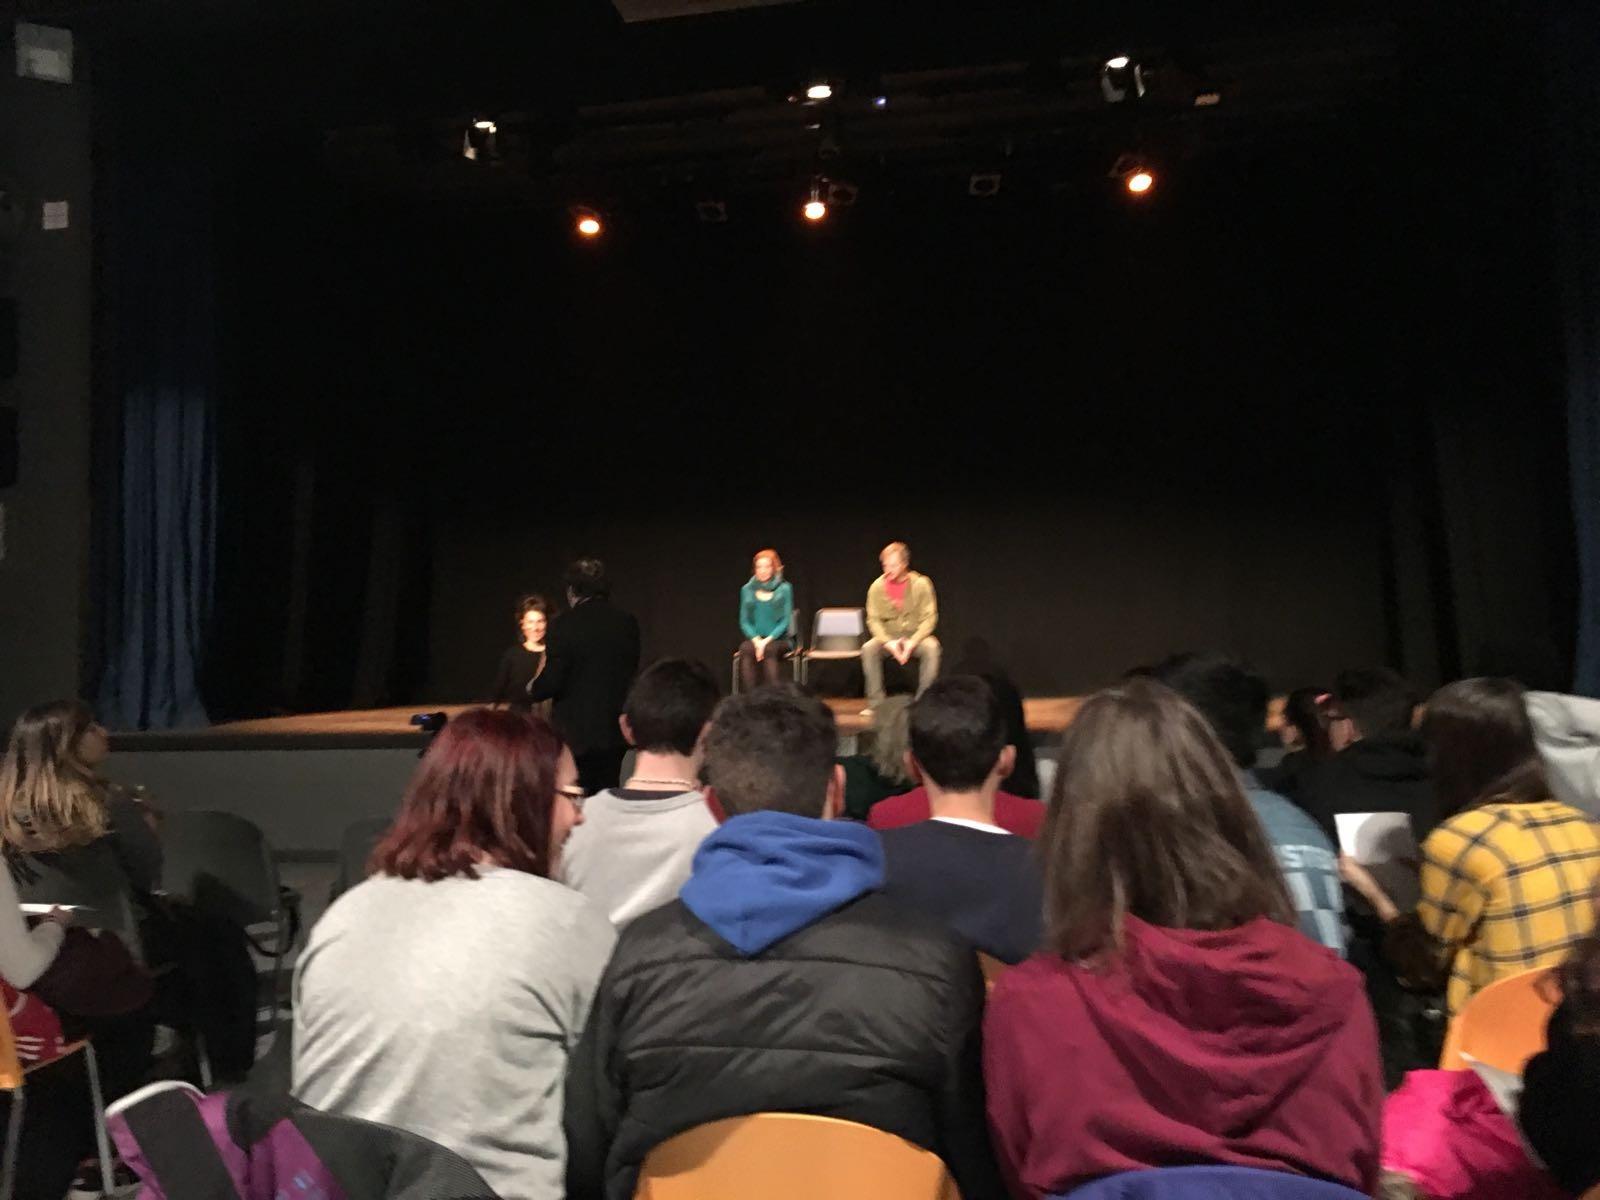 Amor en escena - Si es amor, no duele - Taller de teatro para la prevención de la violencia de género - Teatro que cura